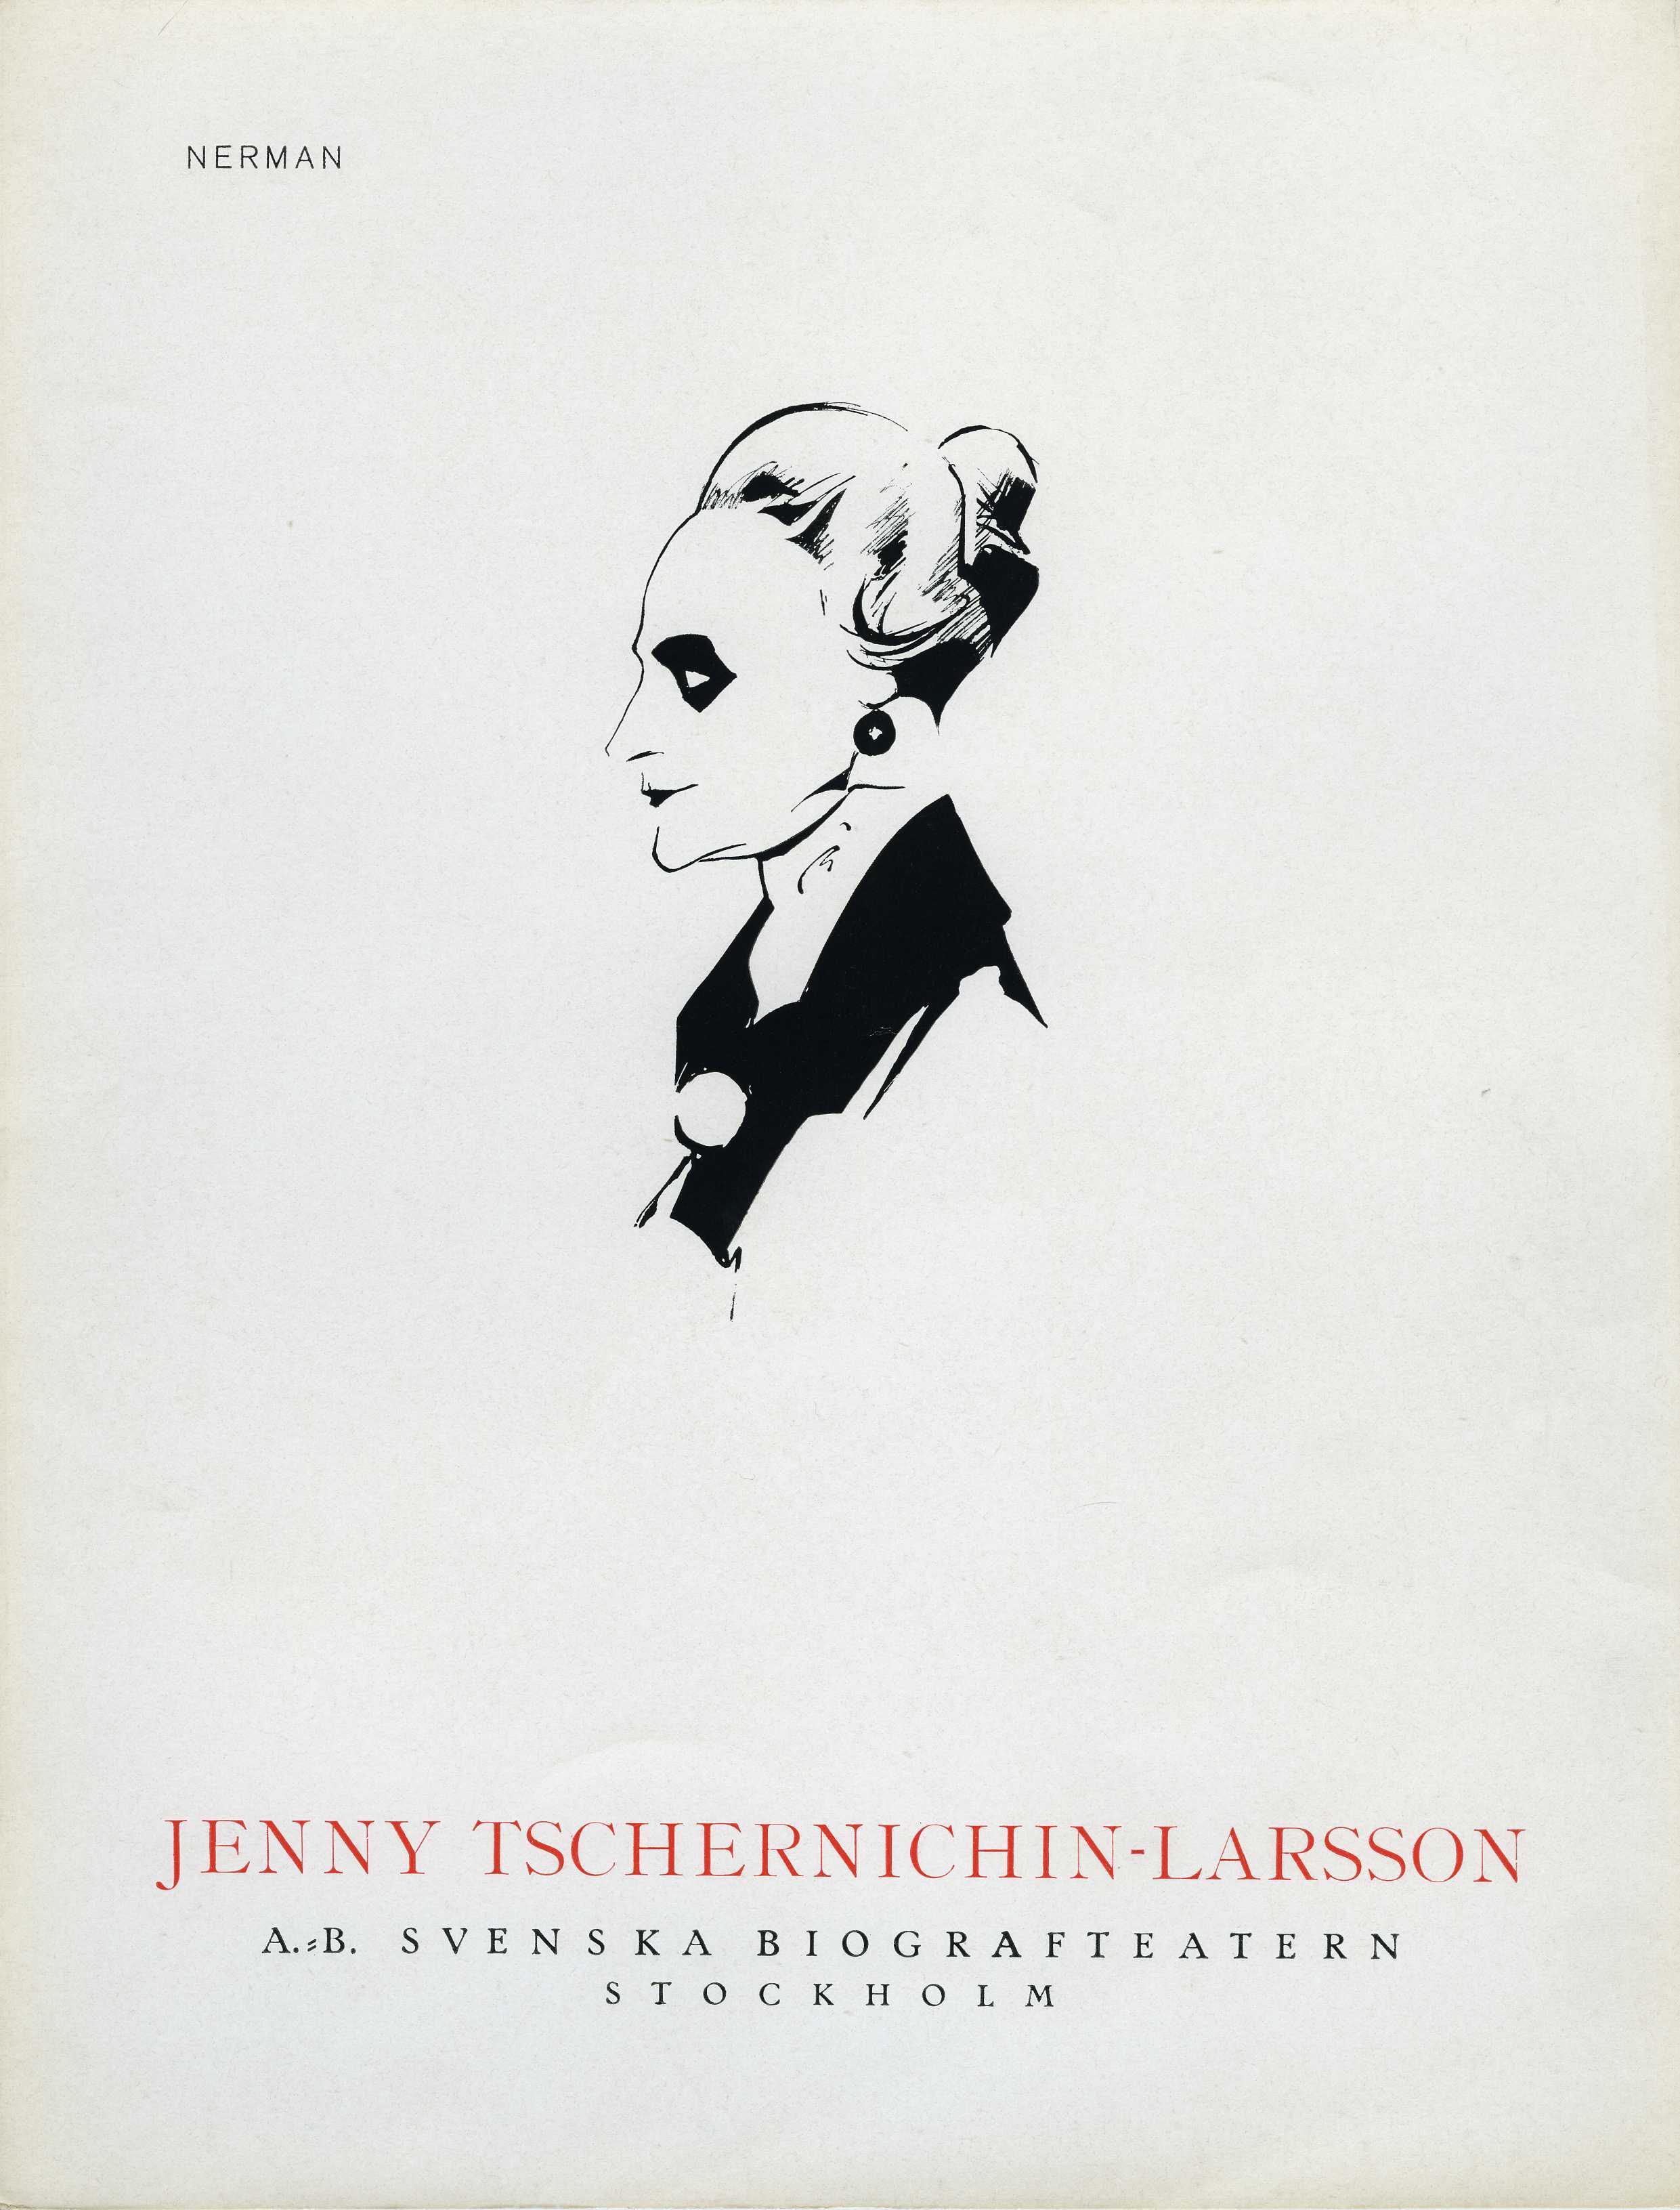 Jenny Tschernichin-Larsson